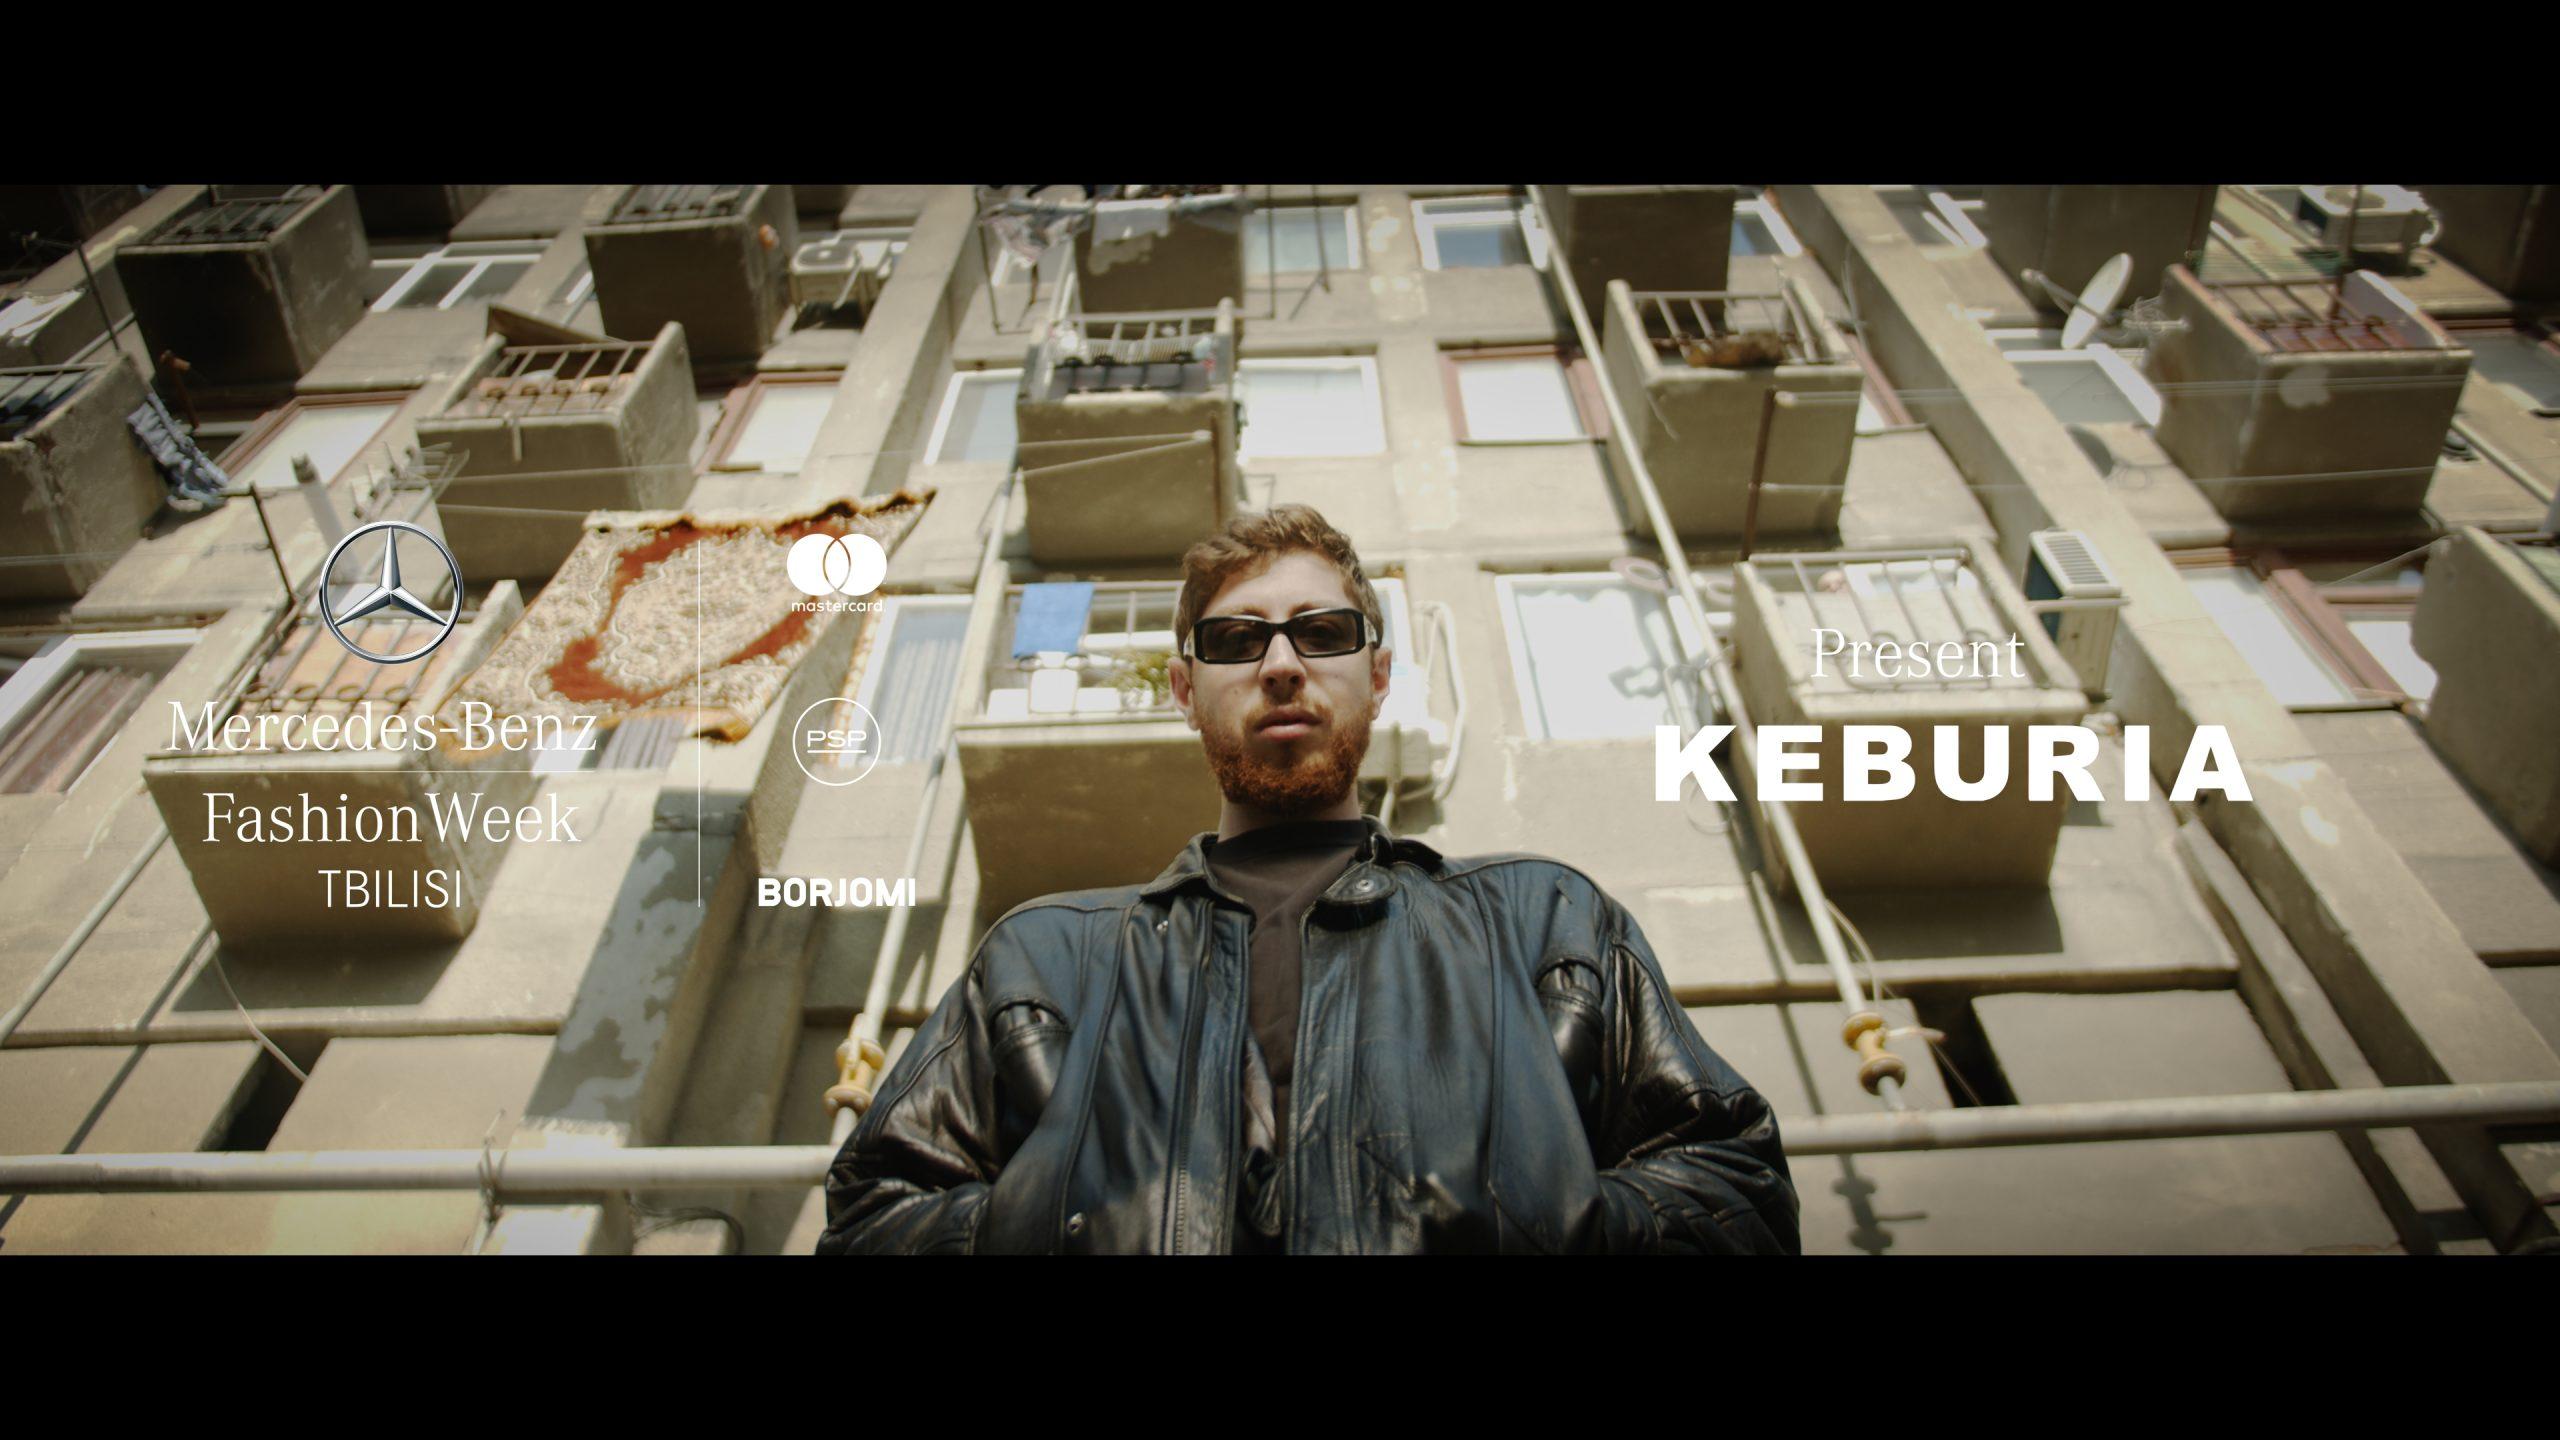 KEBURIA